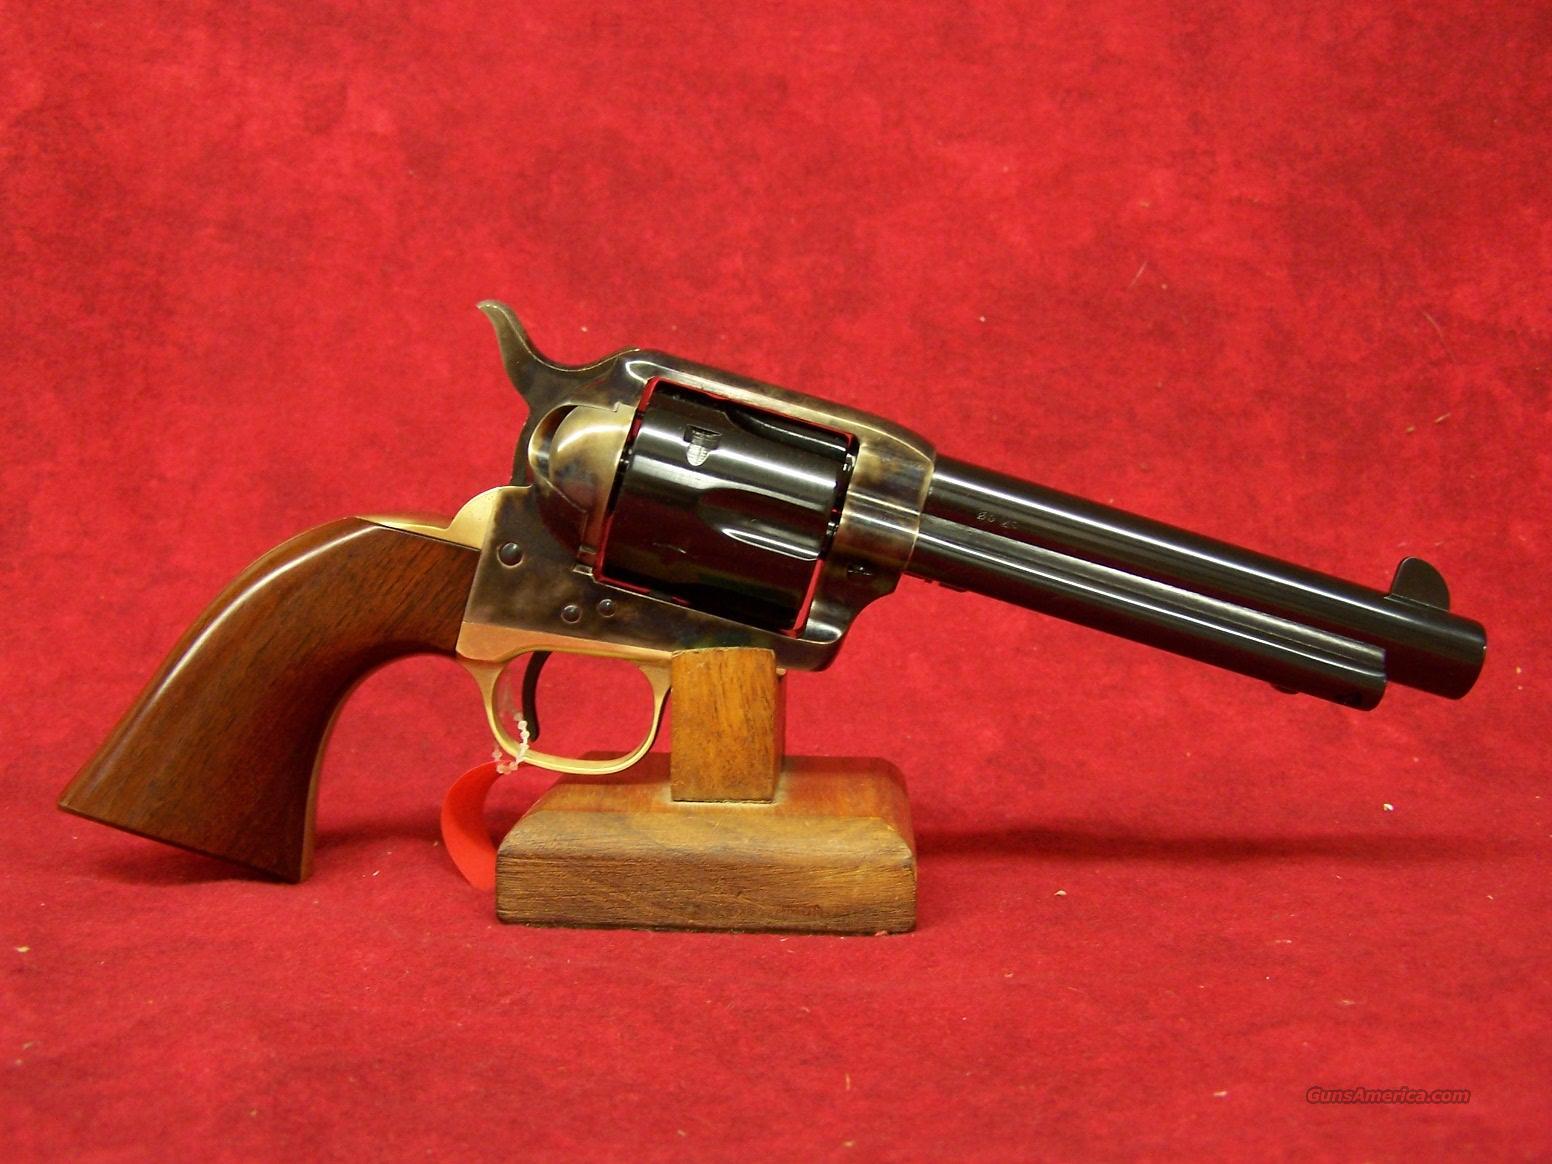 """Uberti 1873 Cattleman II NM Brass 5 1/2"""" .44-40 (356310)  Guns > Pistols > Uberti Pistols > Ctg."""